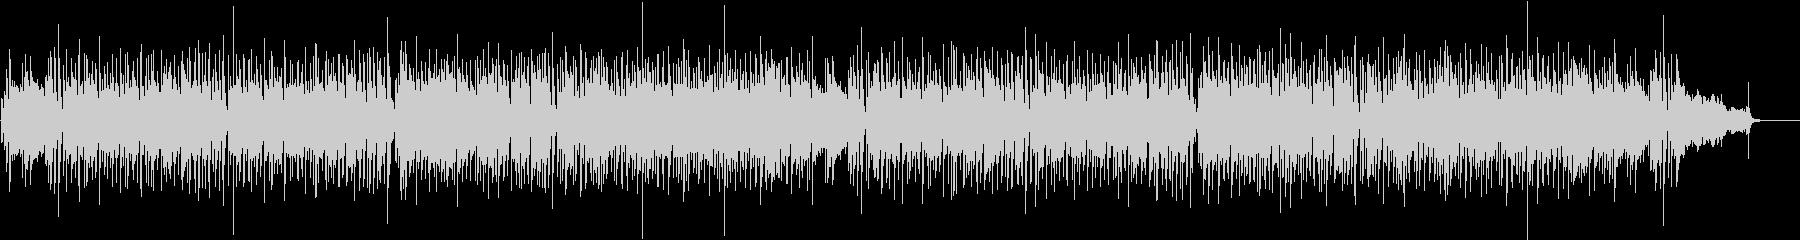 フルートがメインのショッピング音楽の未再生の波形